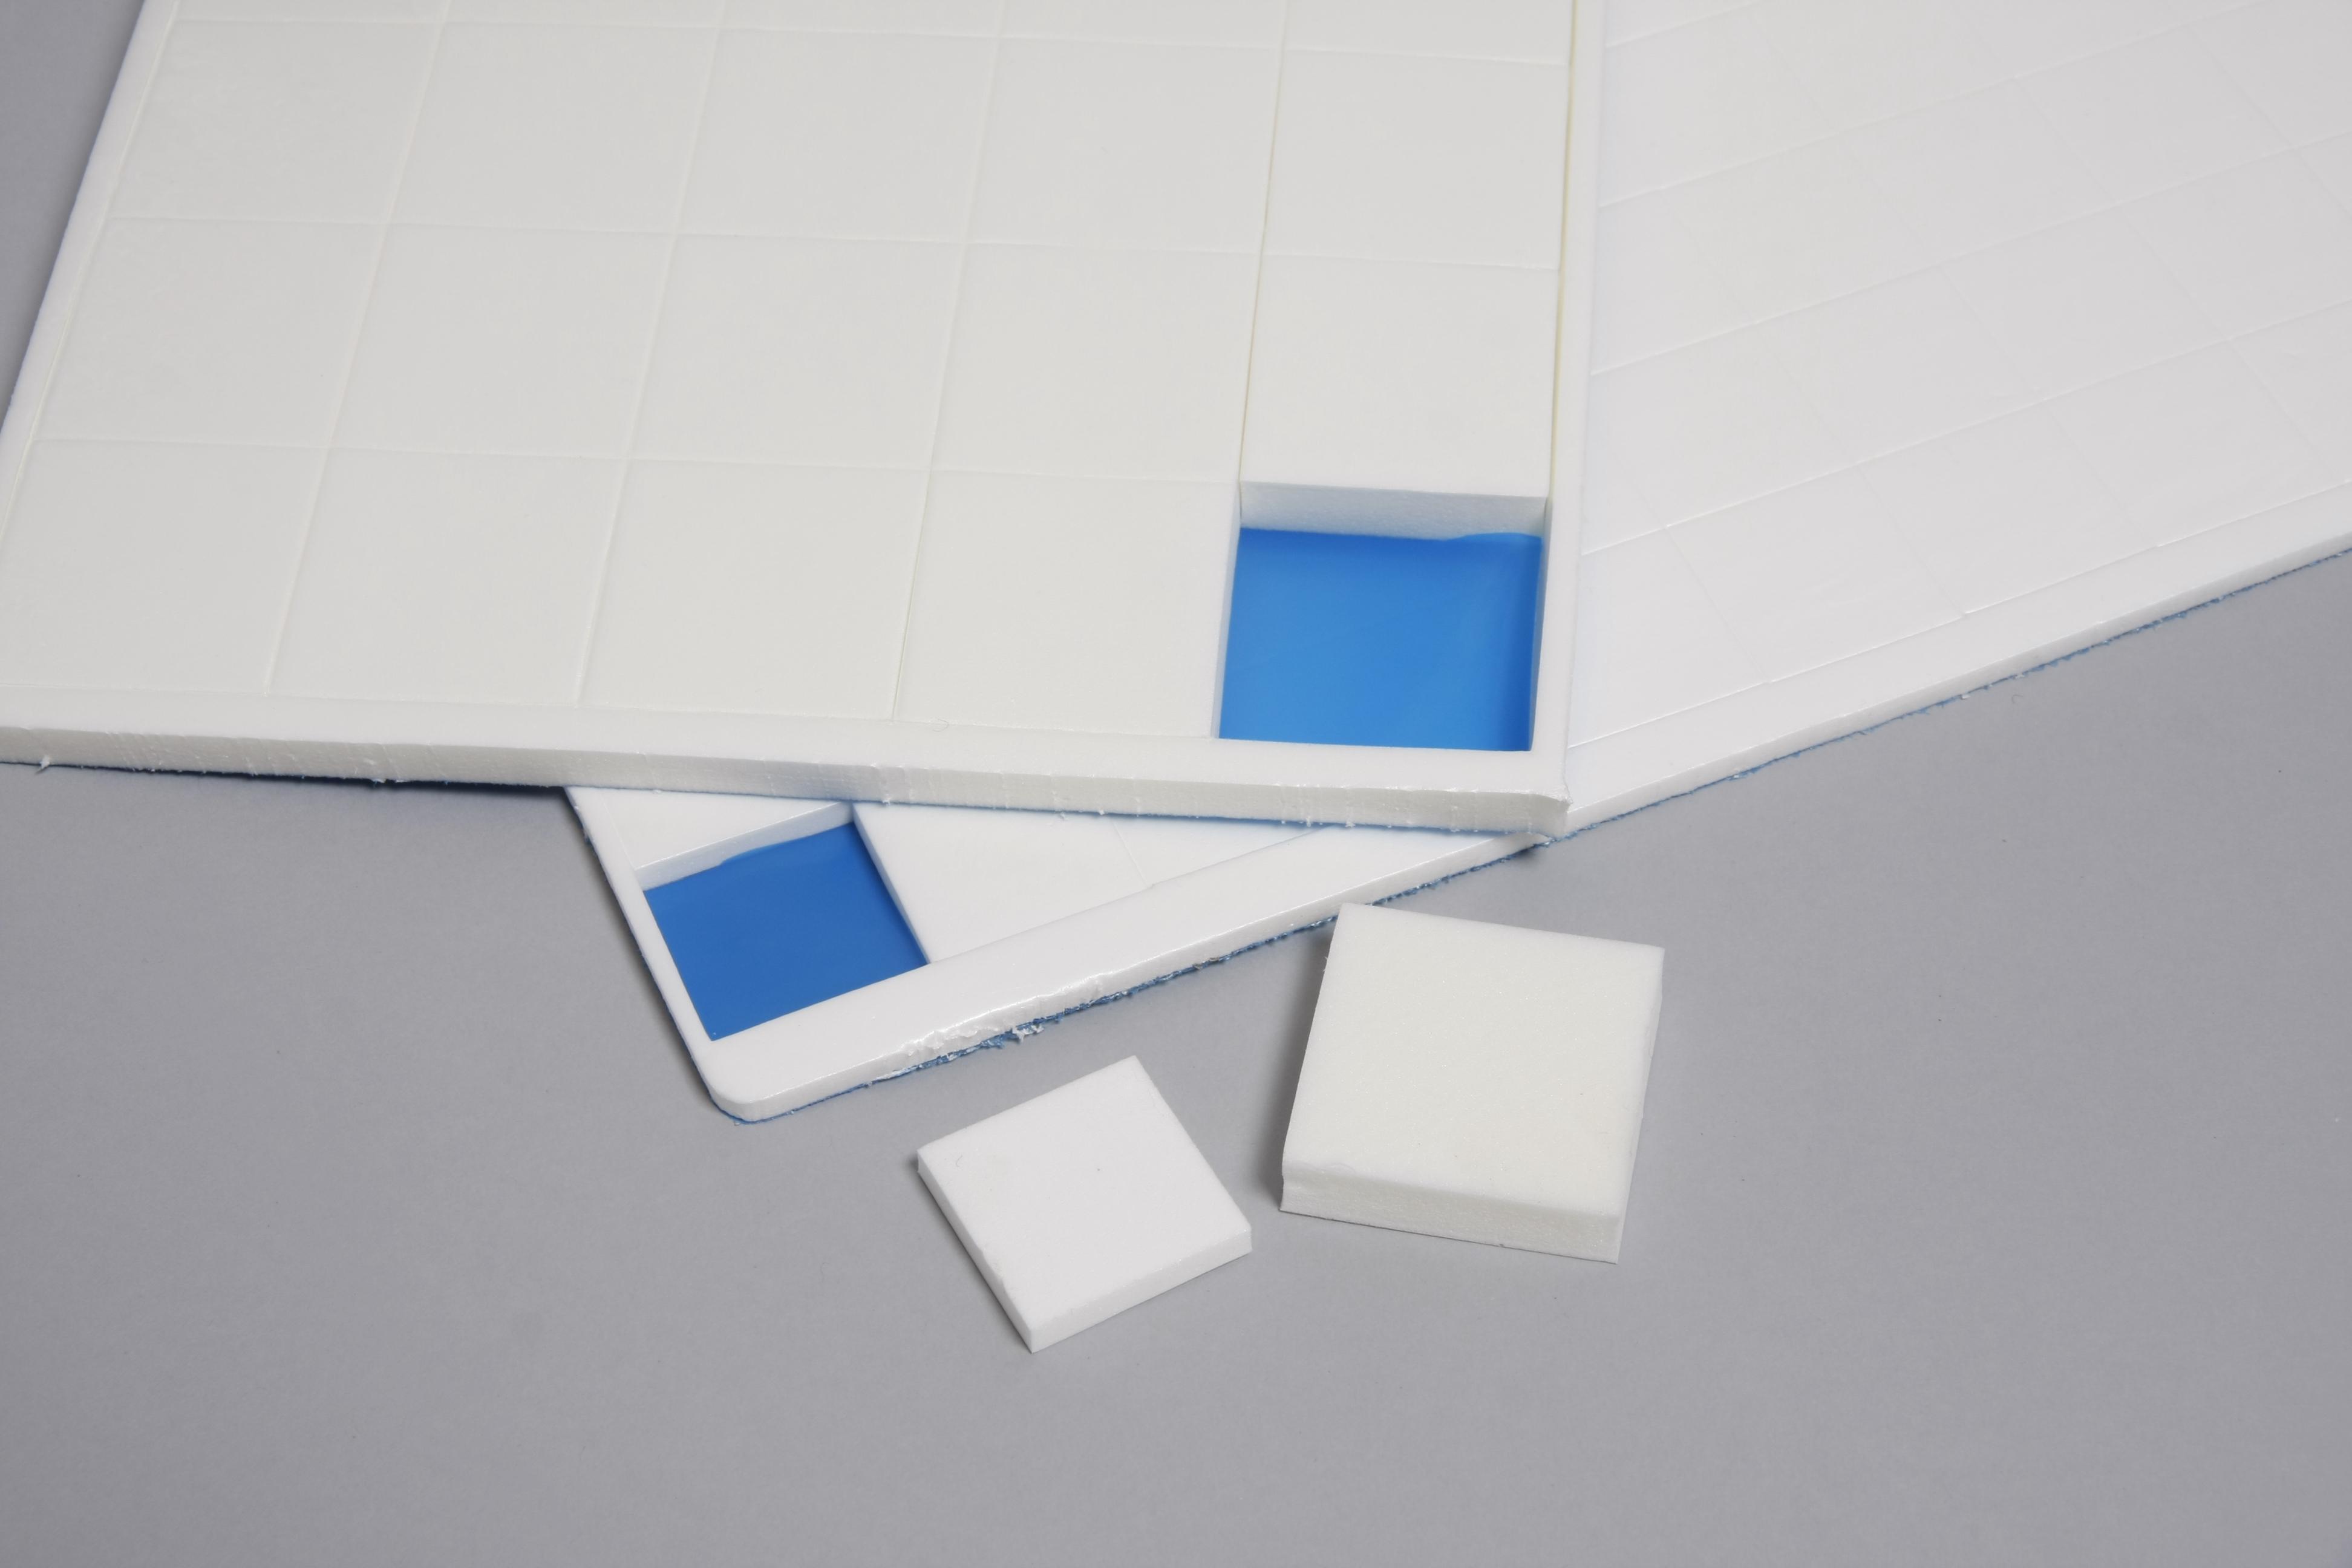 Podložky a výstelky